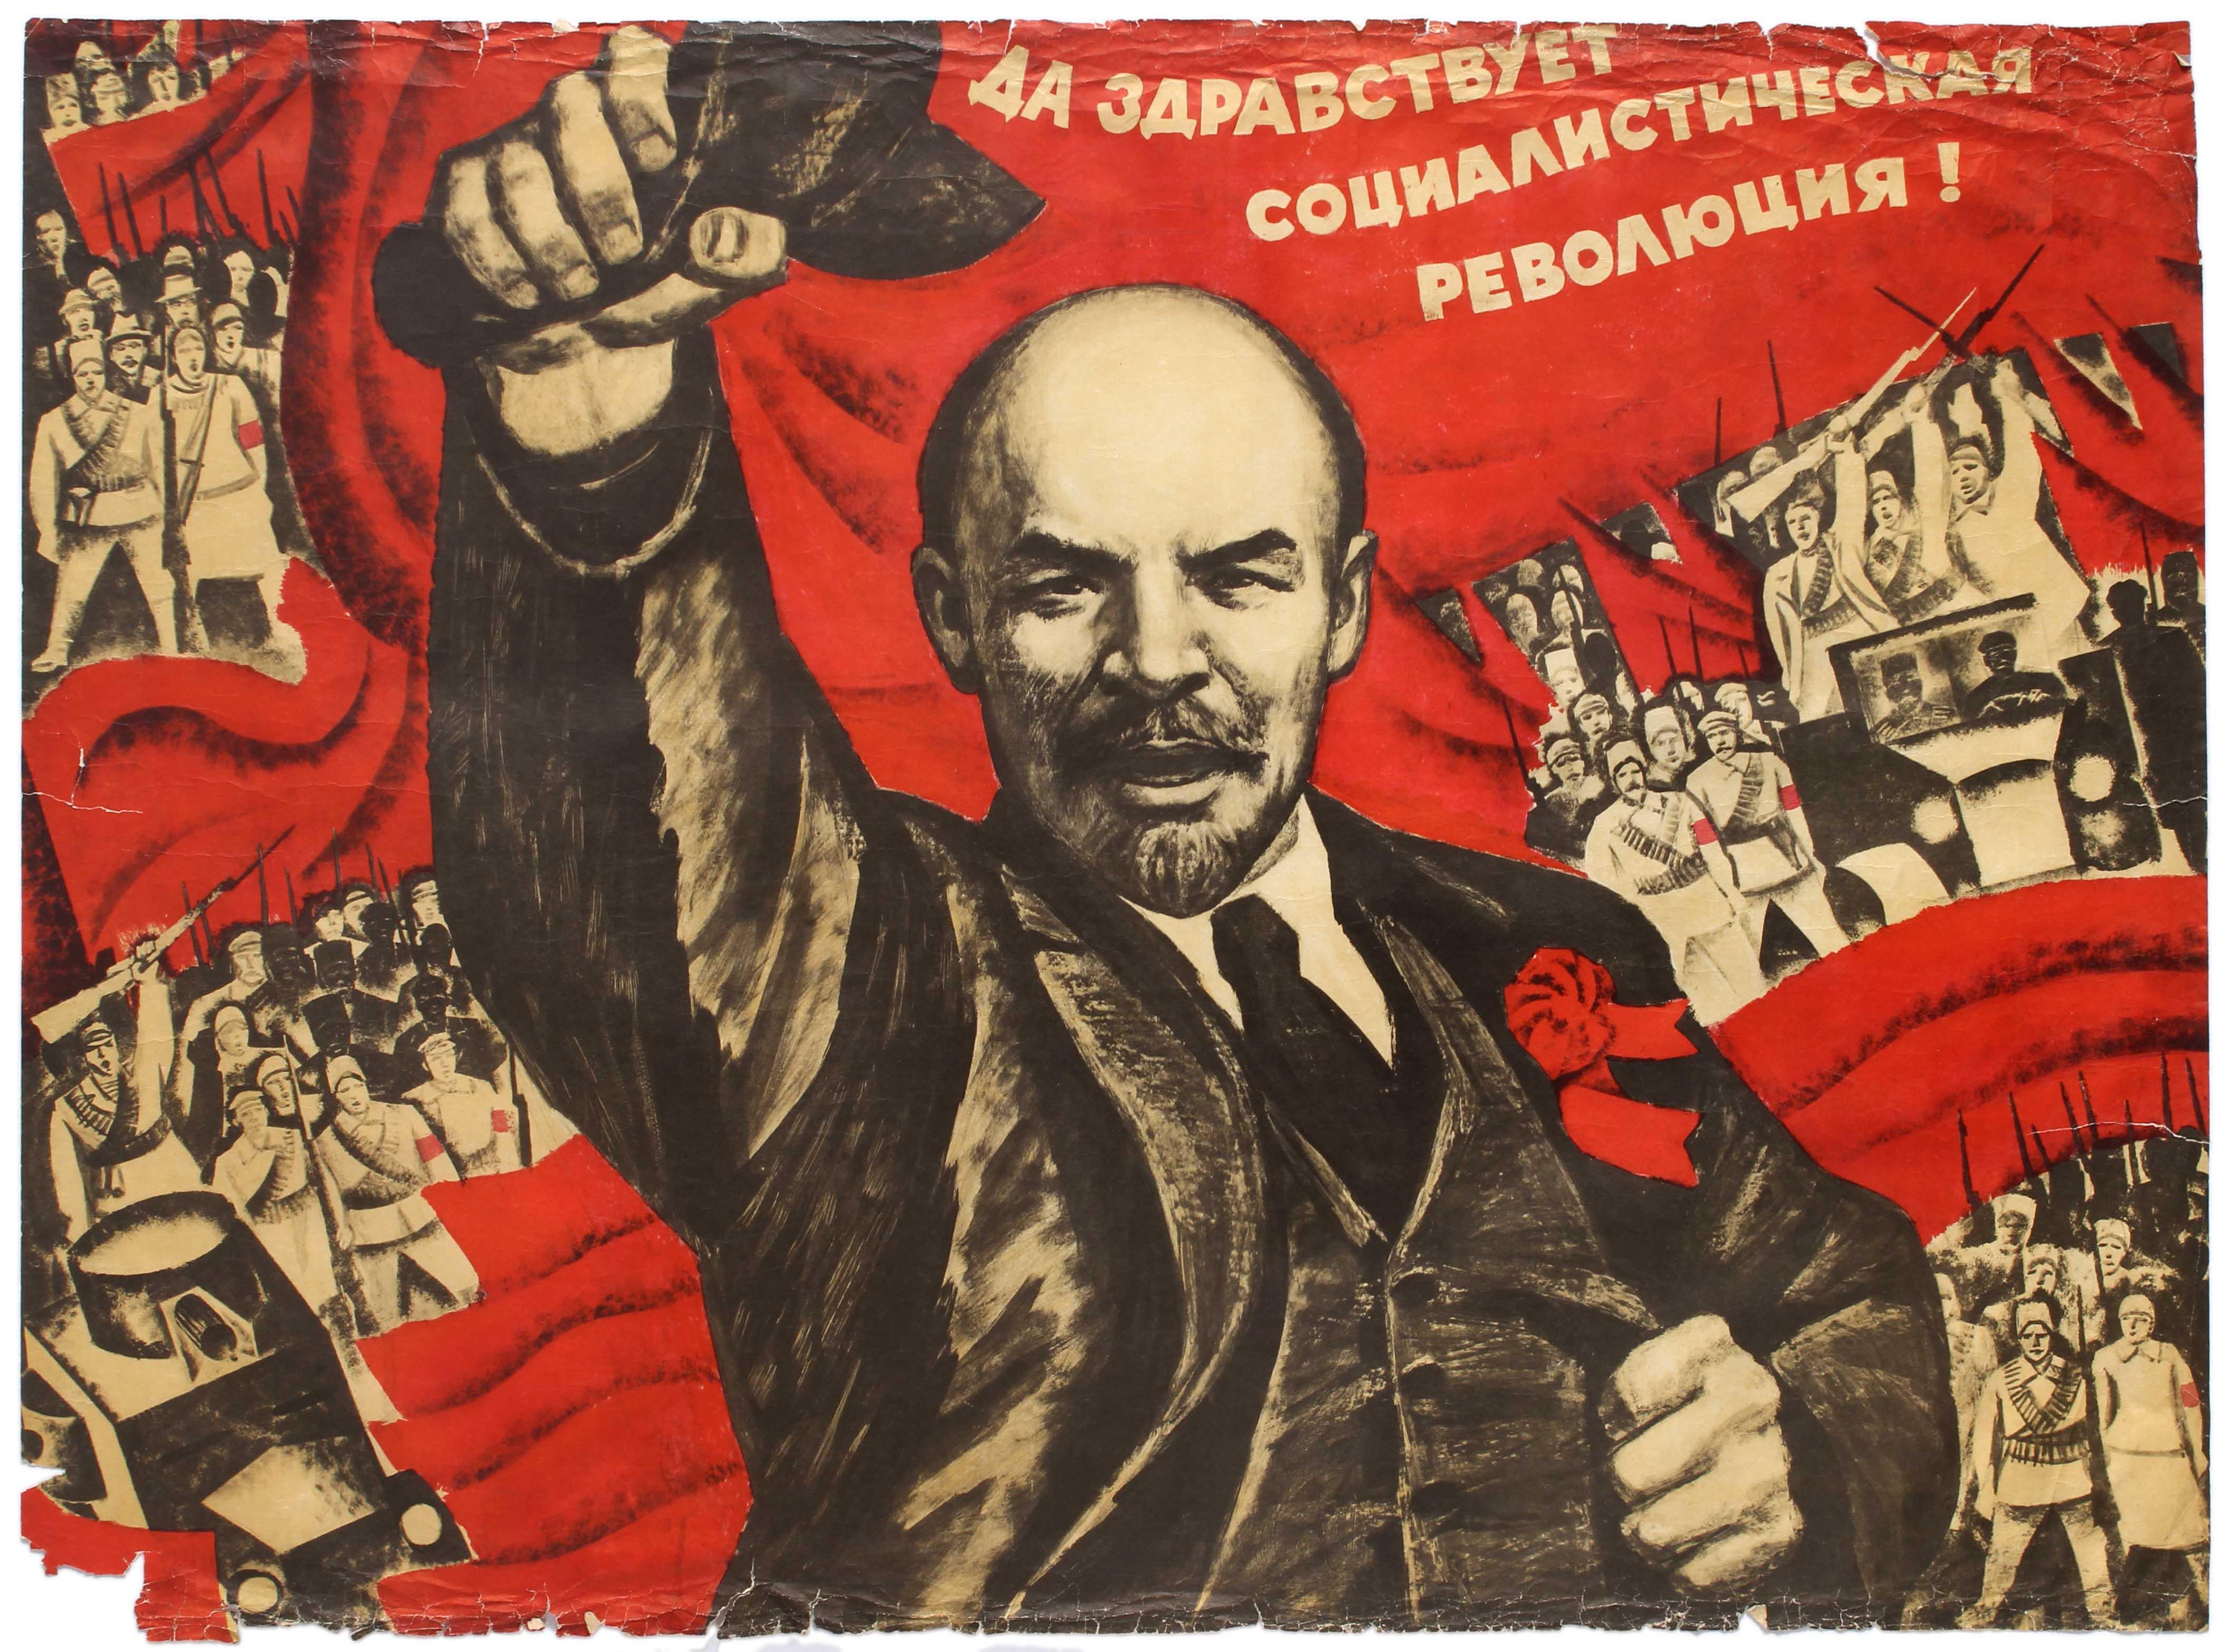 Lot 17 - Propaganda Poster Lenin Long Live the Socialist Revolution